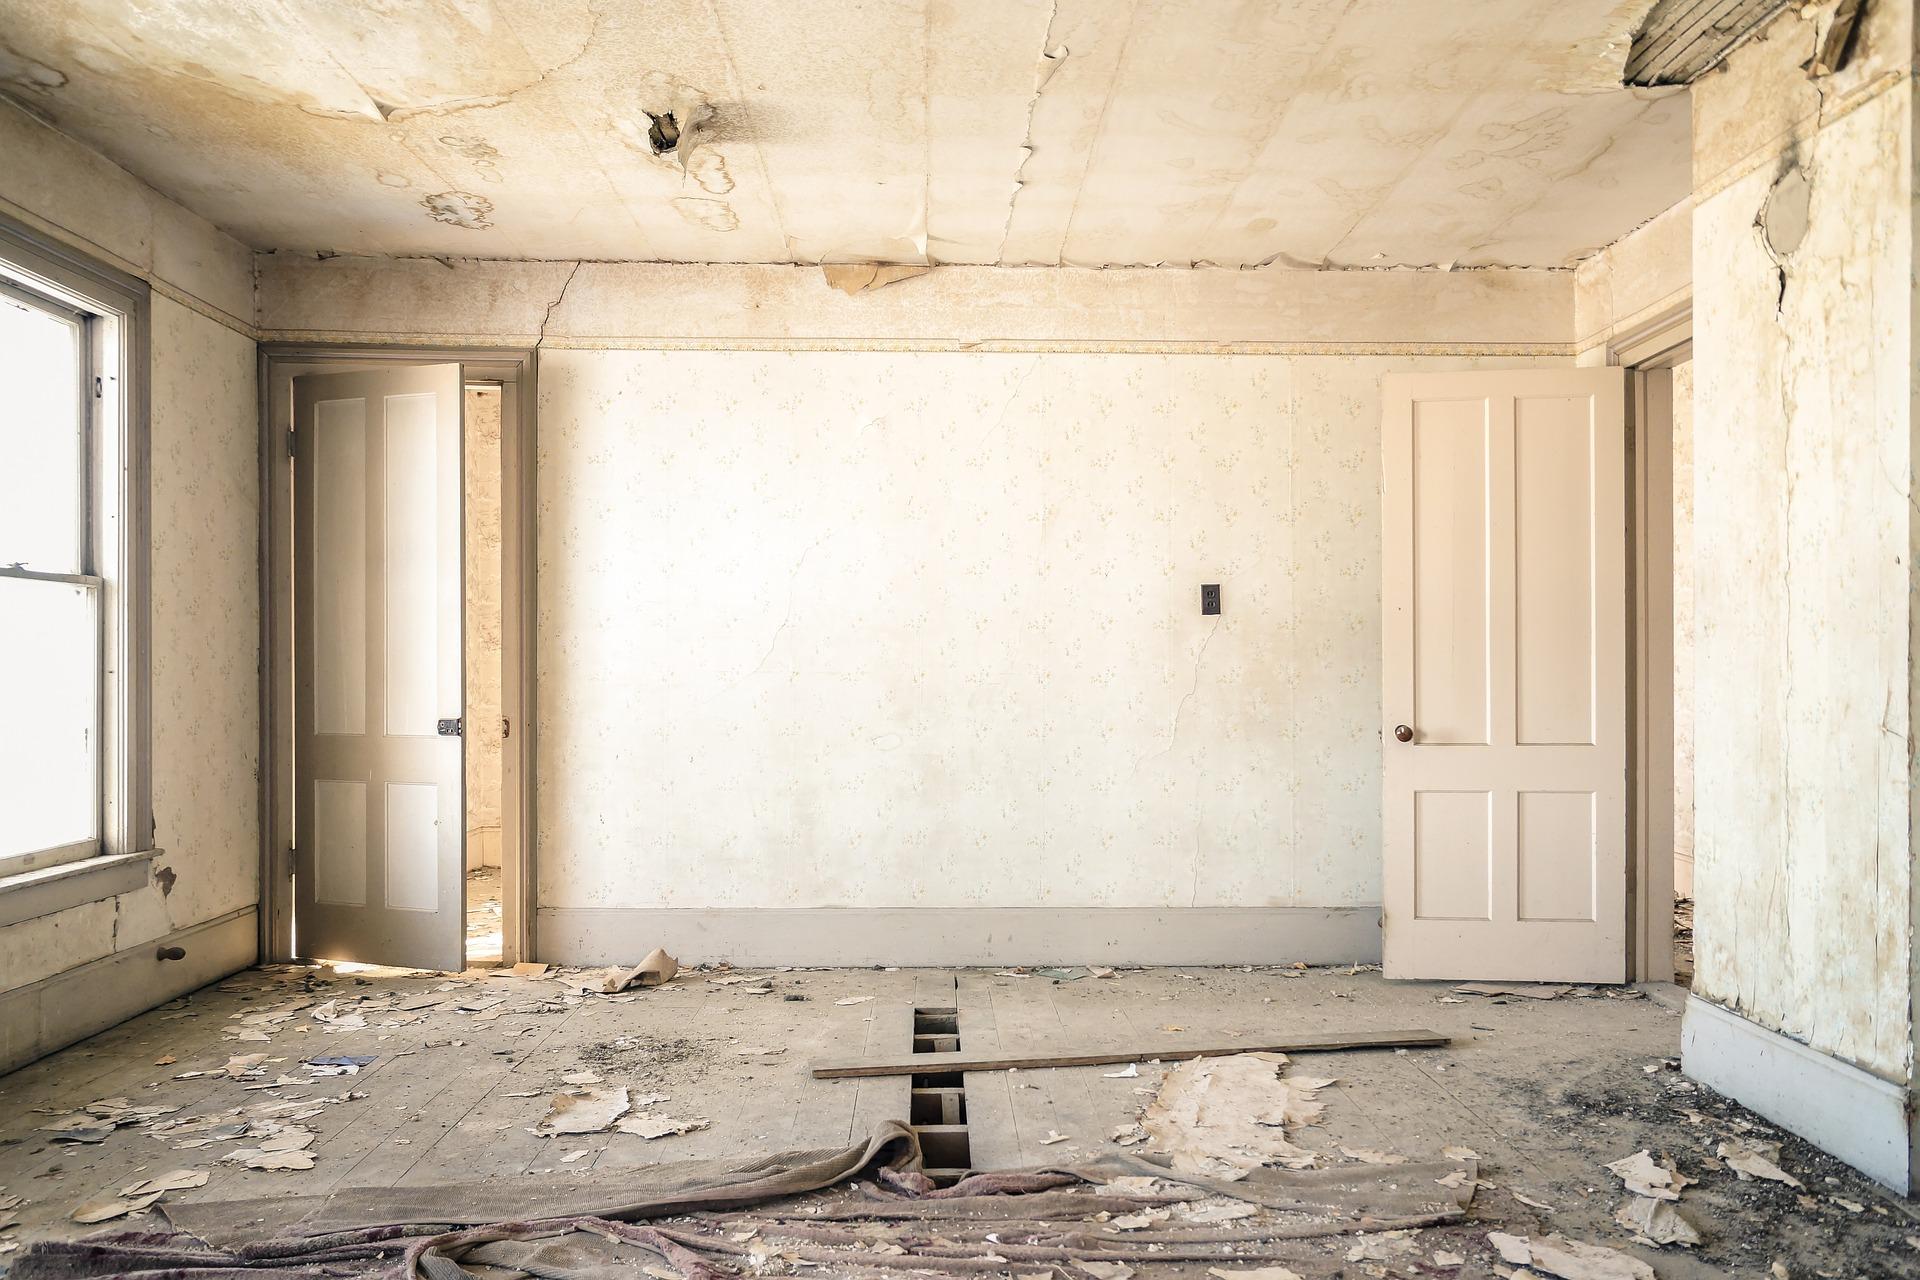 Ein Zimmer welches renoviert werden muss.